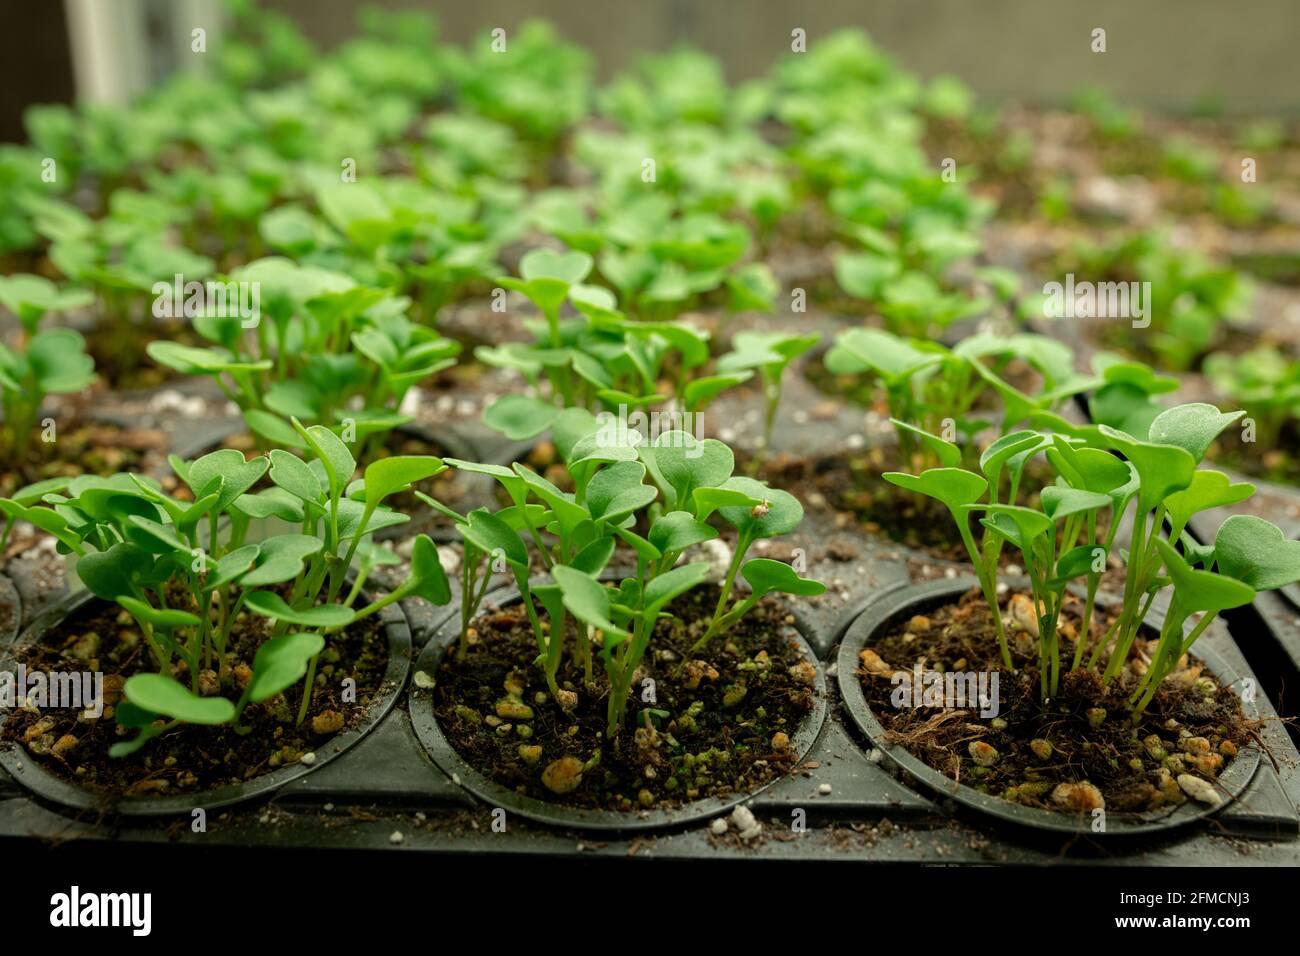 Gros plan des rangées de petits plantules vertes qui poussent en noir récipients en serre Banque D'Images